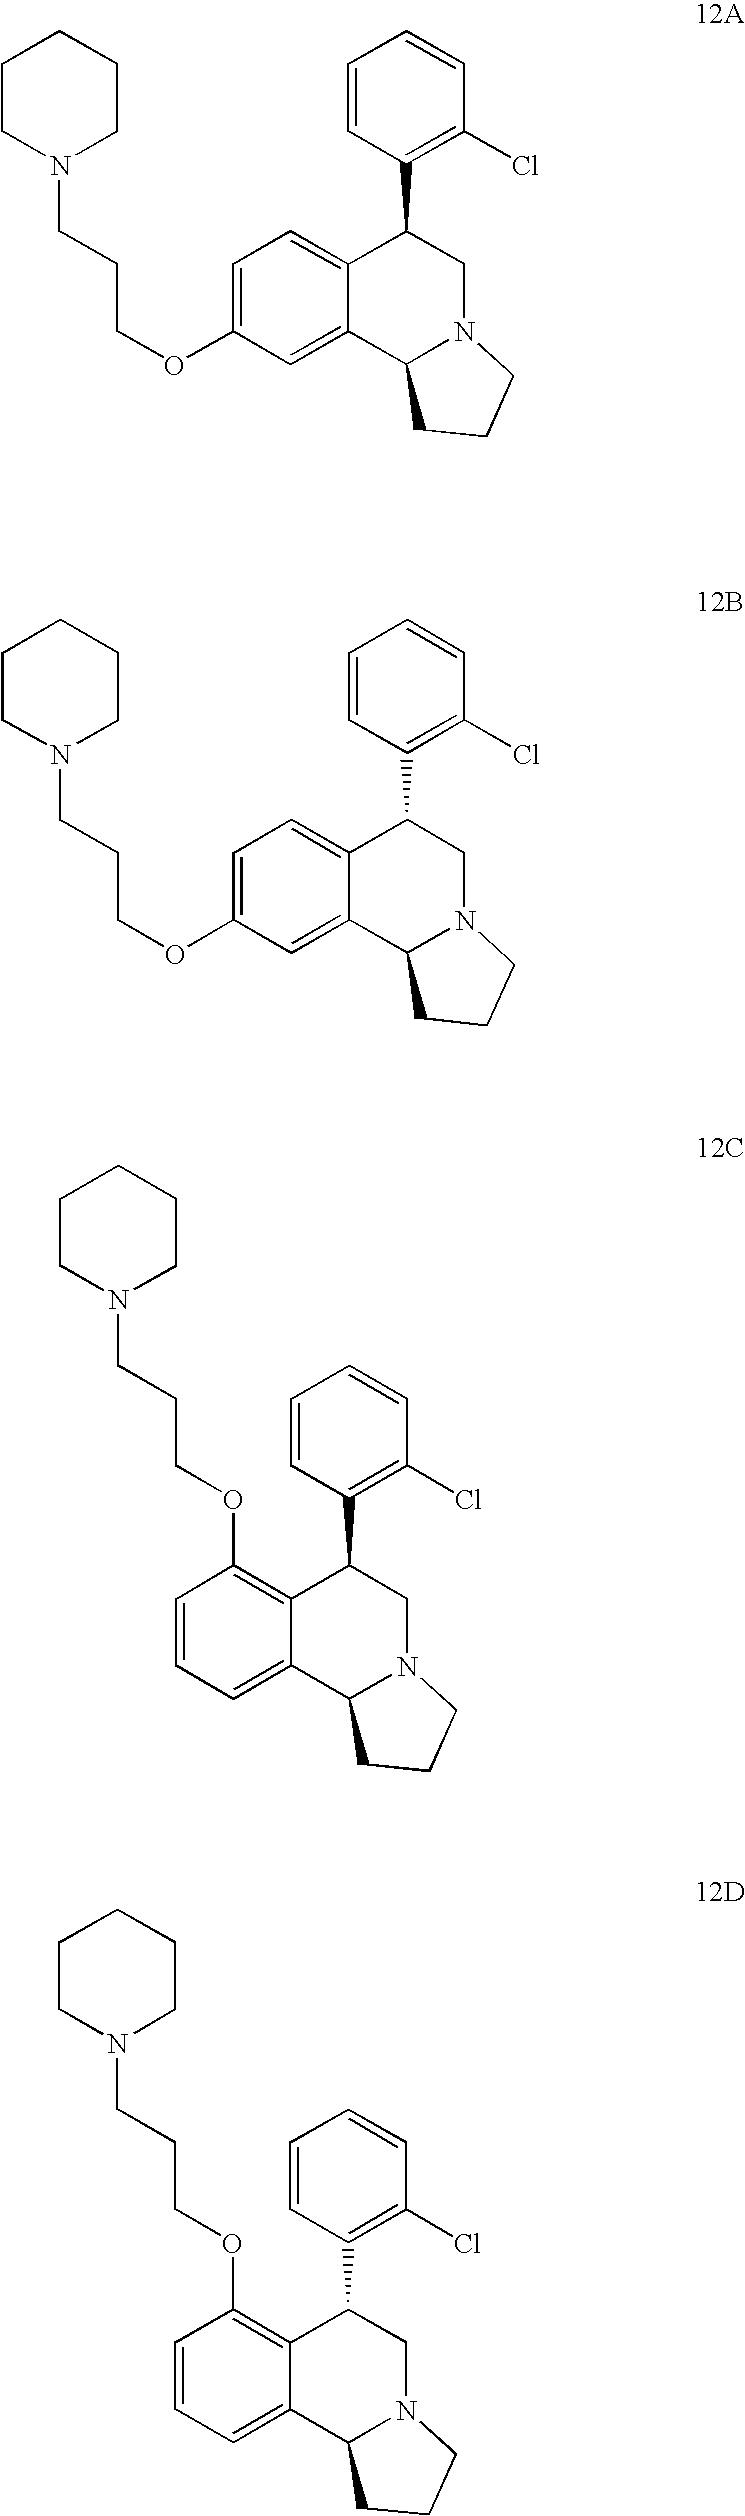 Figure US08273762-20120925-C00017